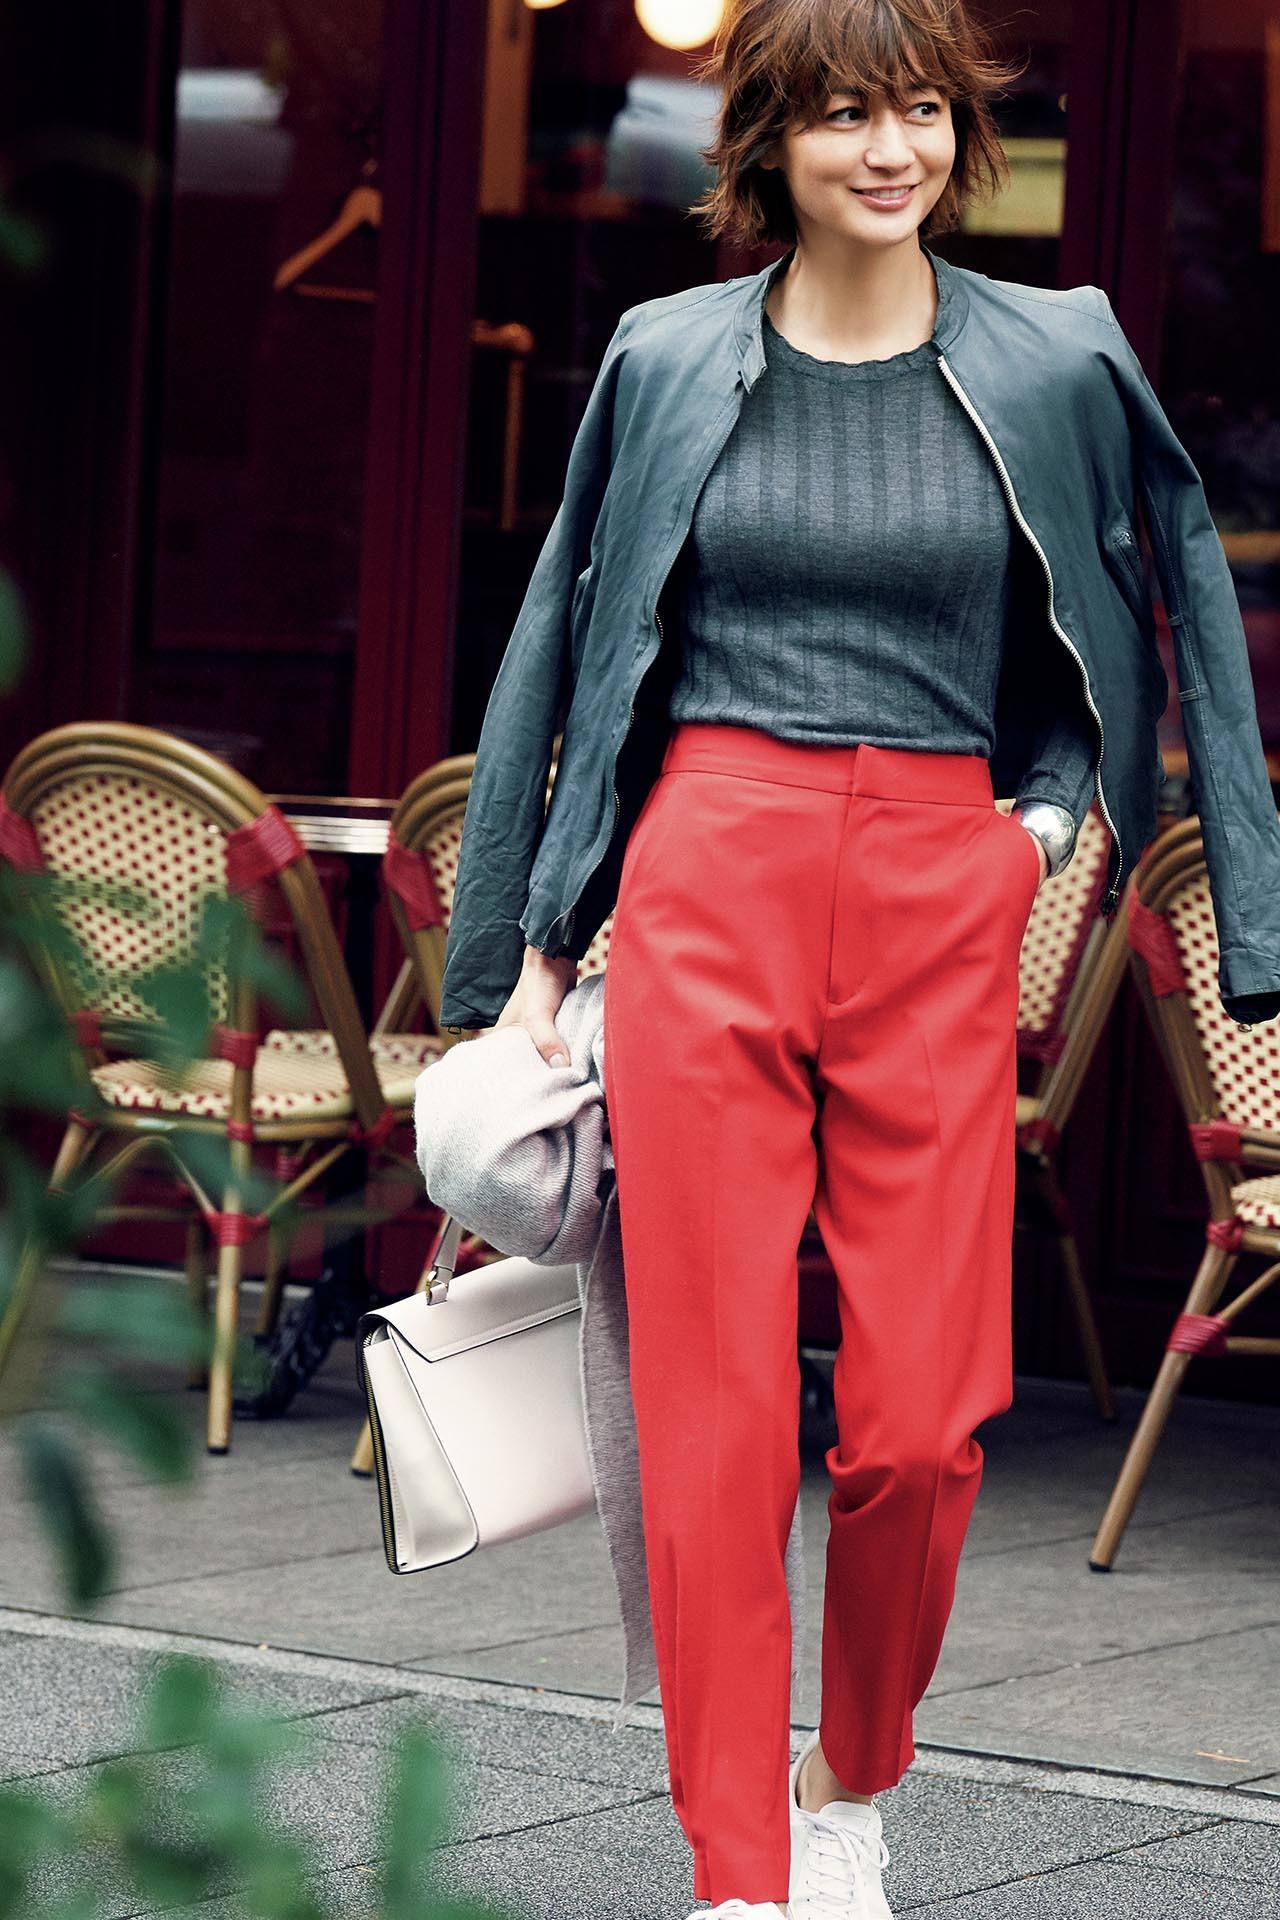 大人を元気に見せてくれる色、「赤」をまとって冬の街へ出かけよう! 五選_1_1-5